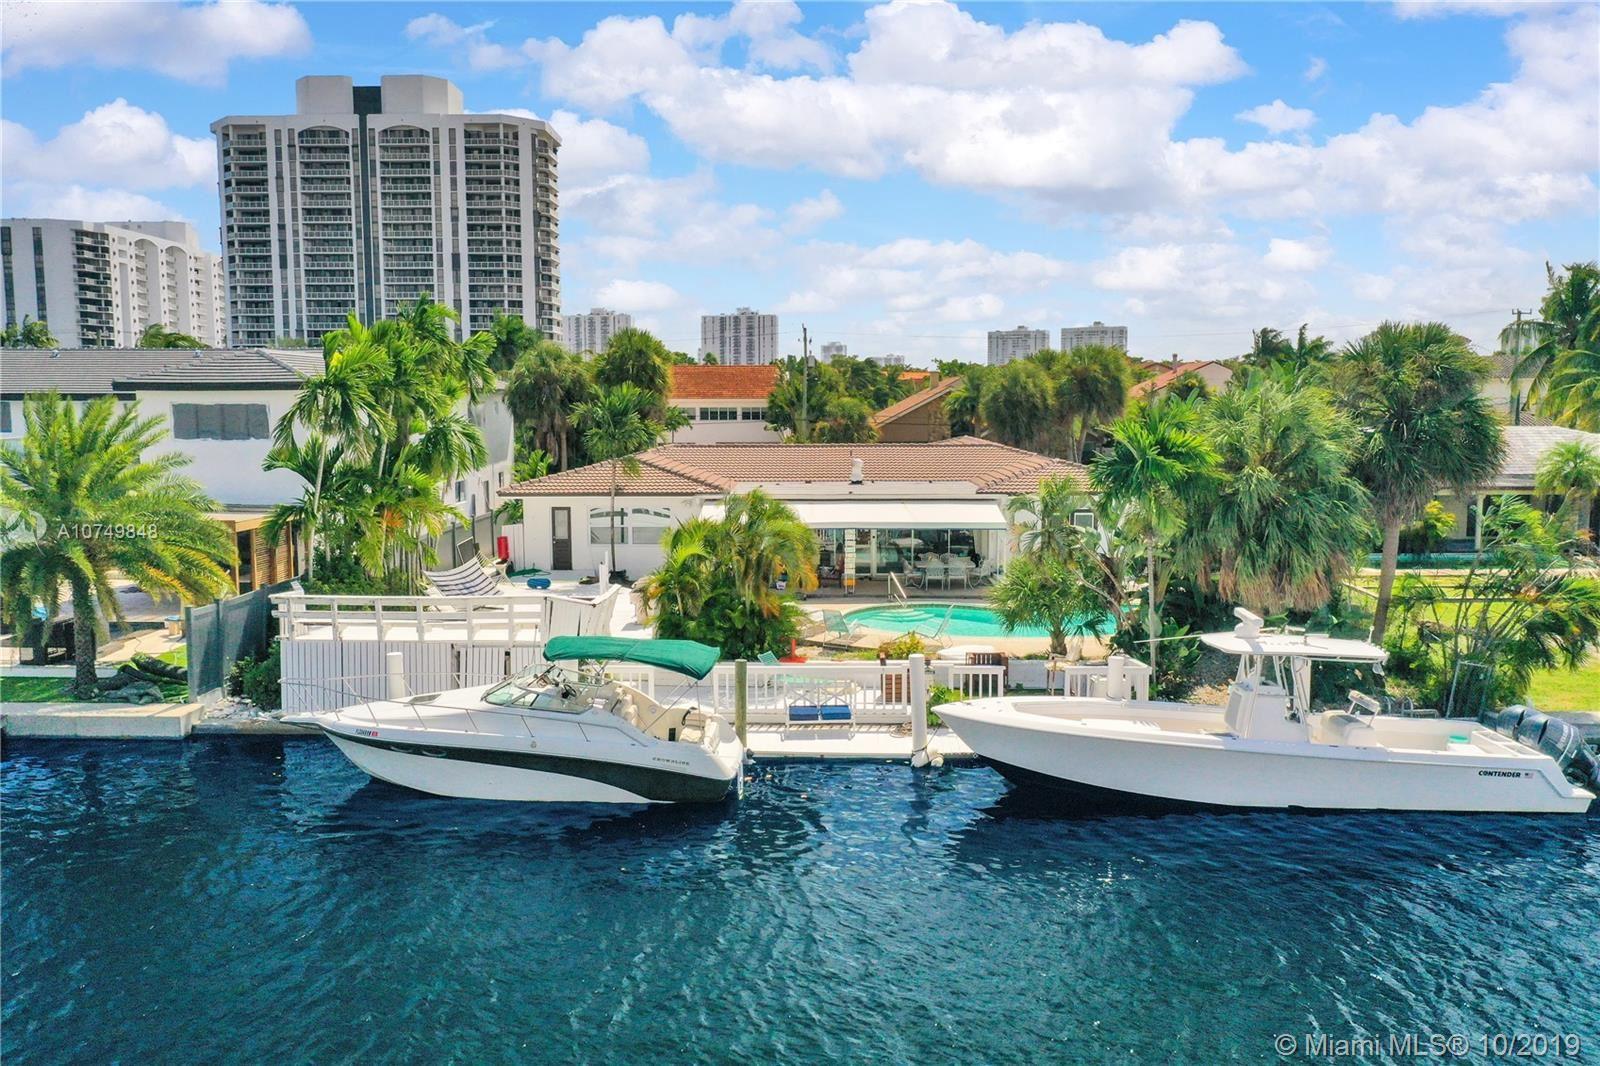 460 Holiday Dr, Hallandale Beach, FL 33009 - #: A10749848